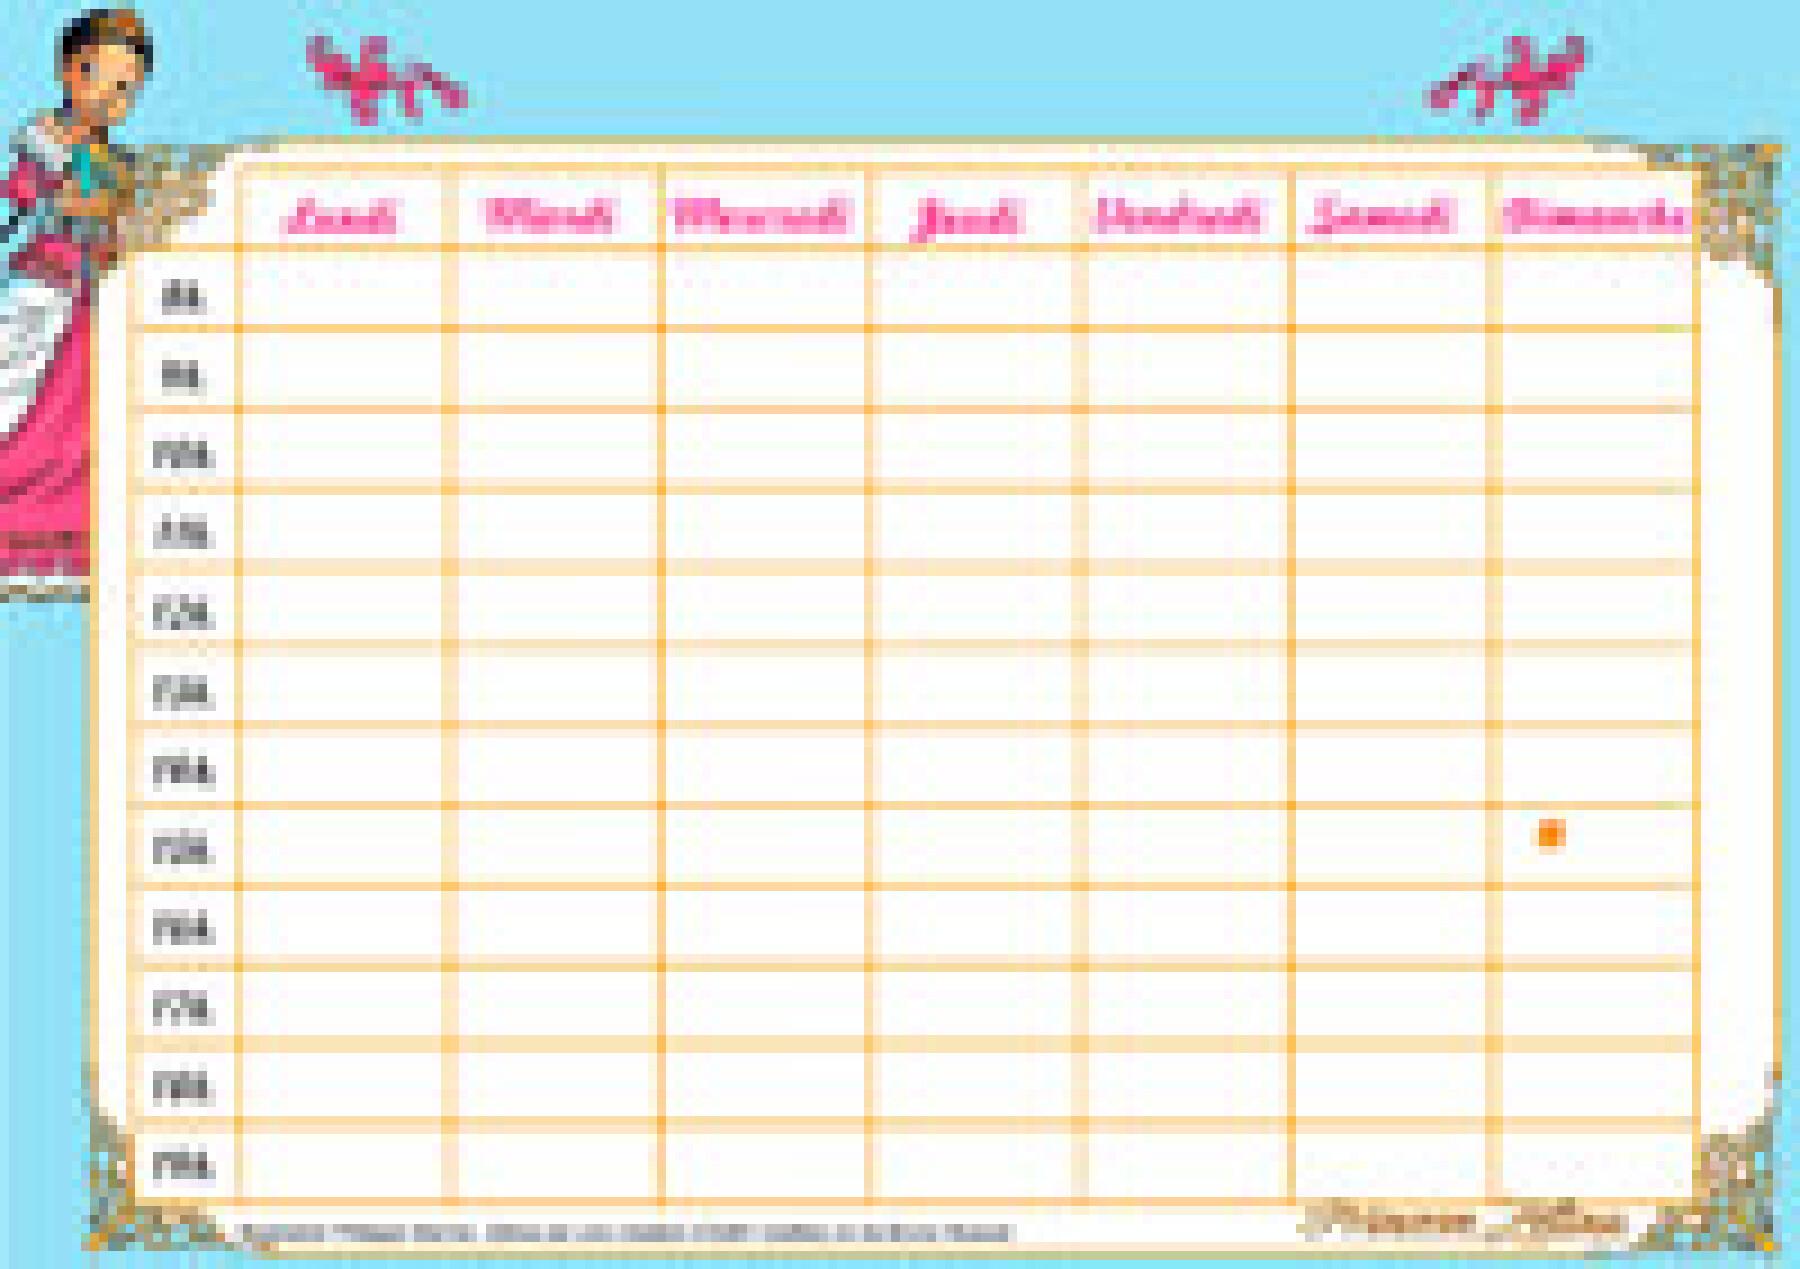 calendrier scolaire zéline